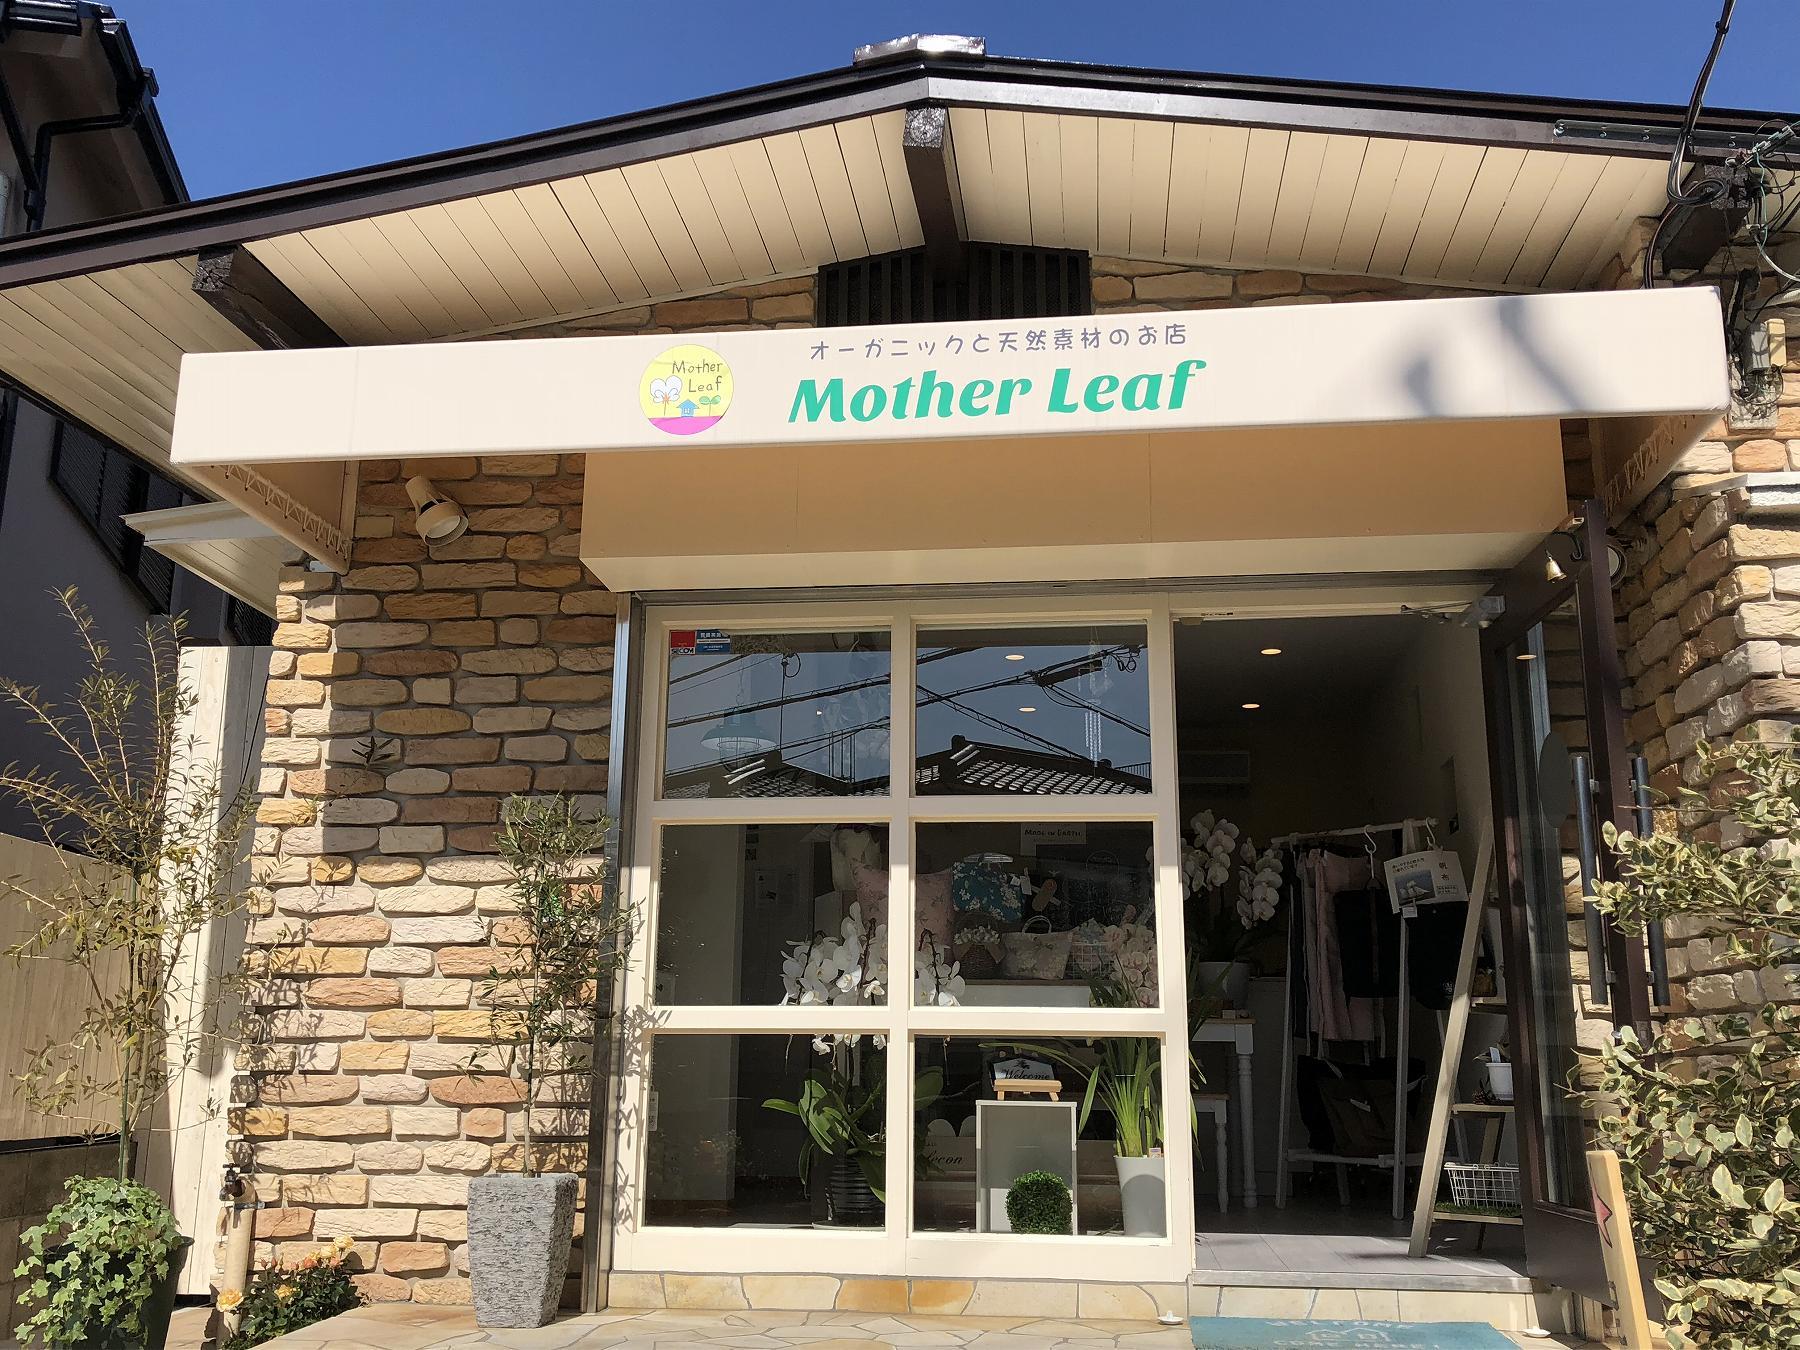 神戸・岡本にオーガニックと天然素材のお店「Mother Leaf(マザーリーフ)」がオープンしたので行ってみた! #新規オープン #岡本商店街 #オーガニック #マザーリーフ